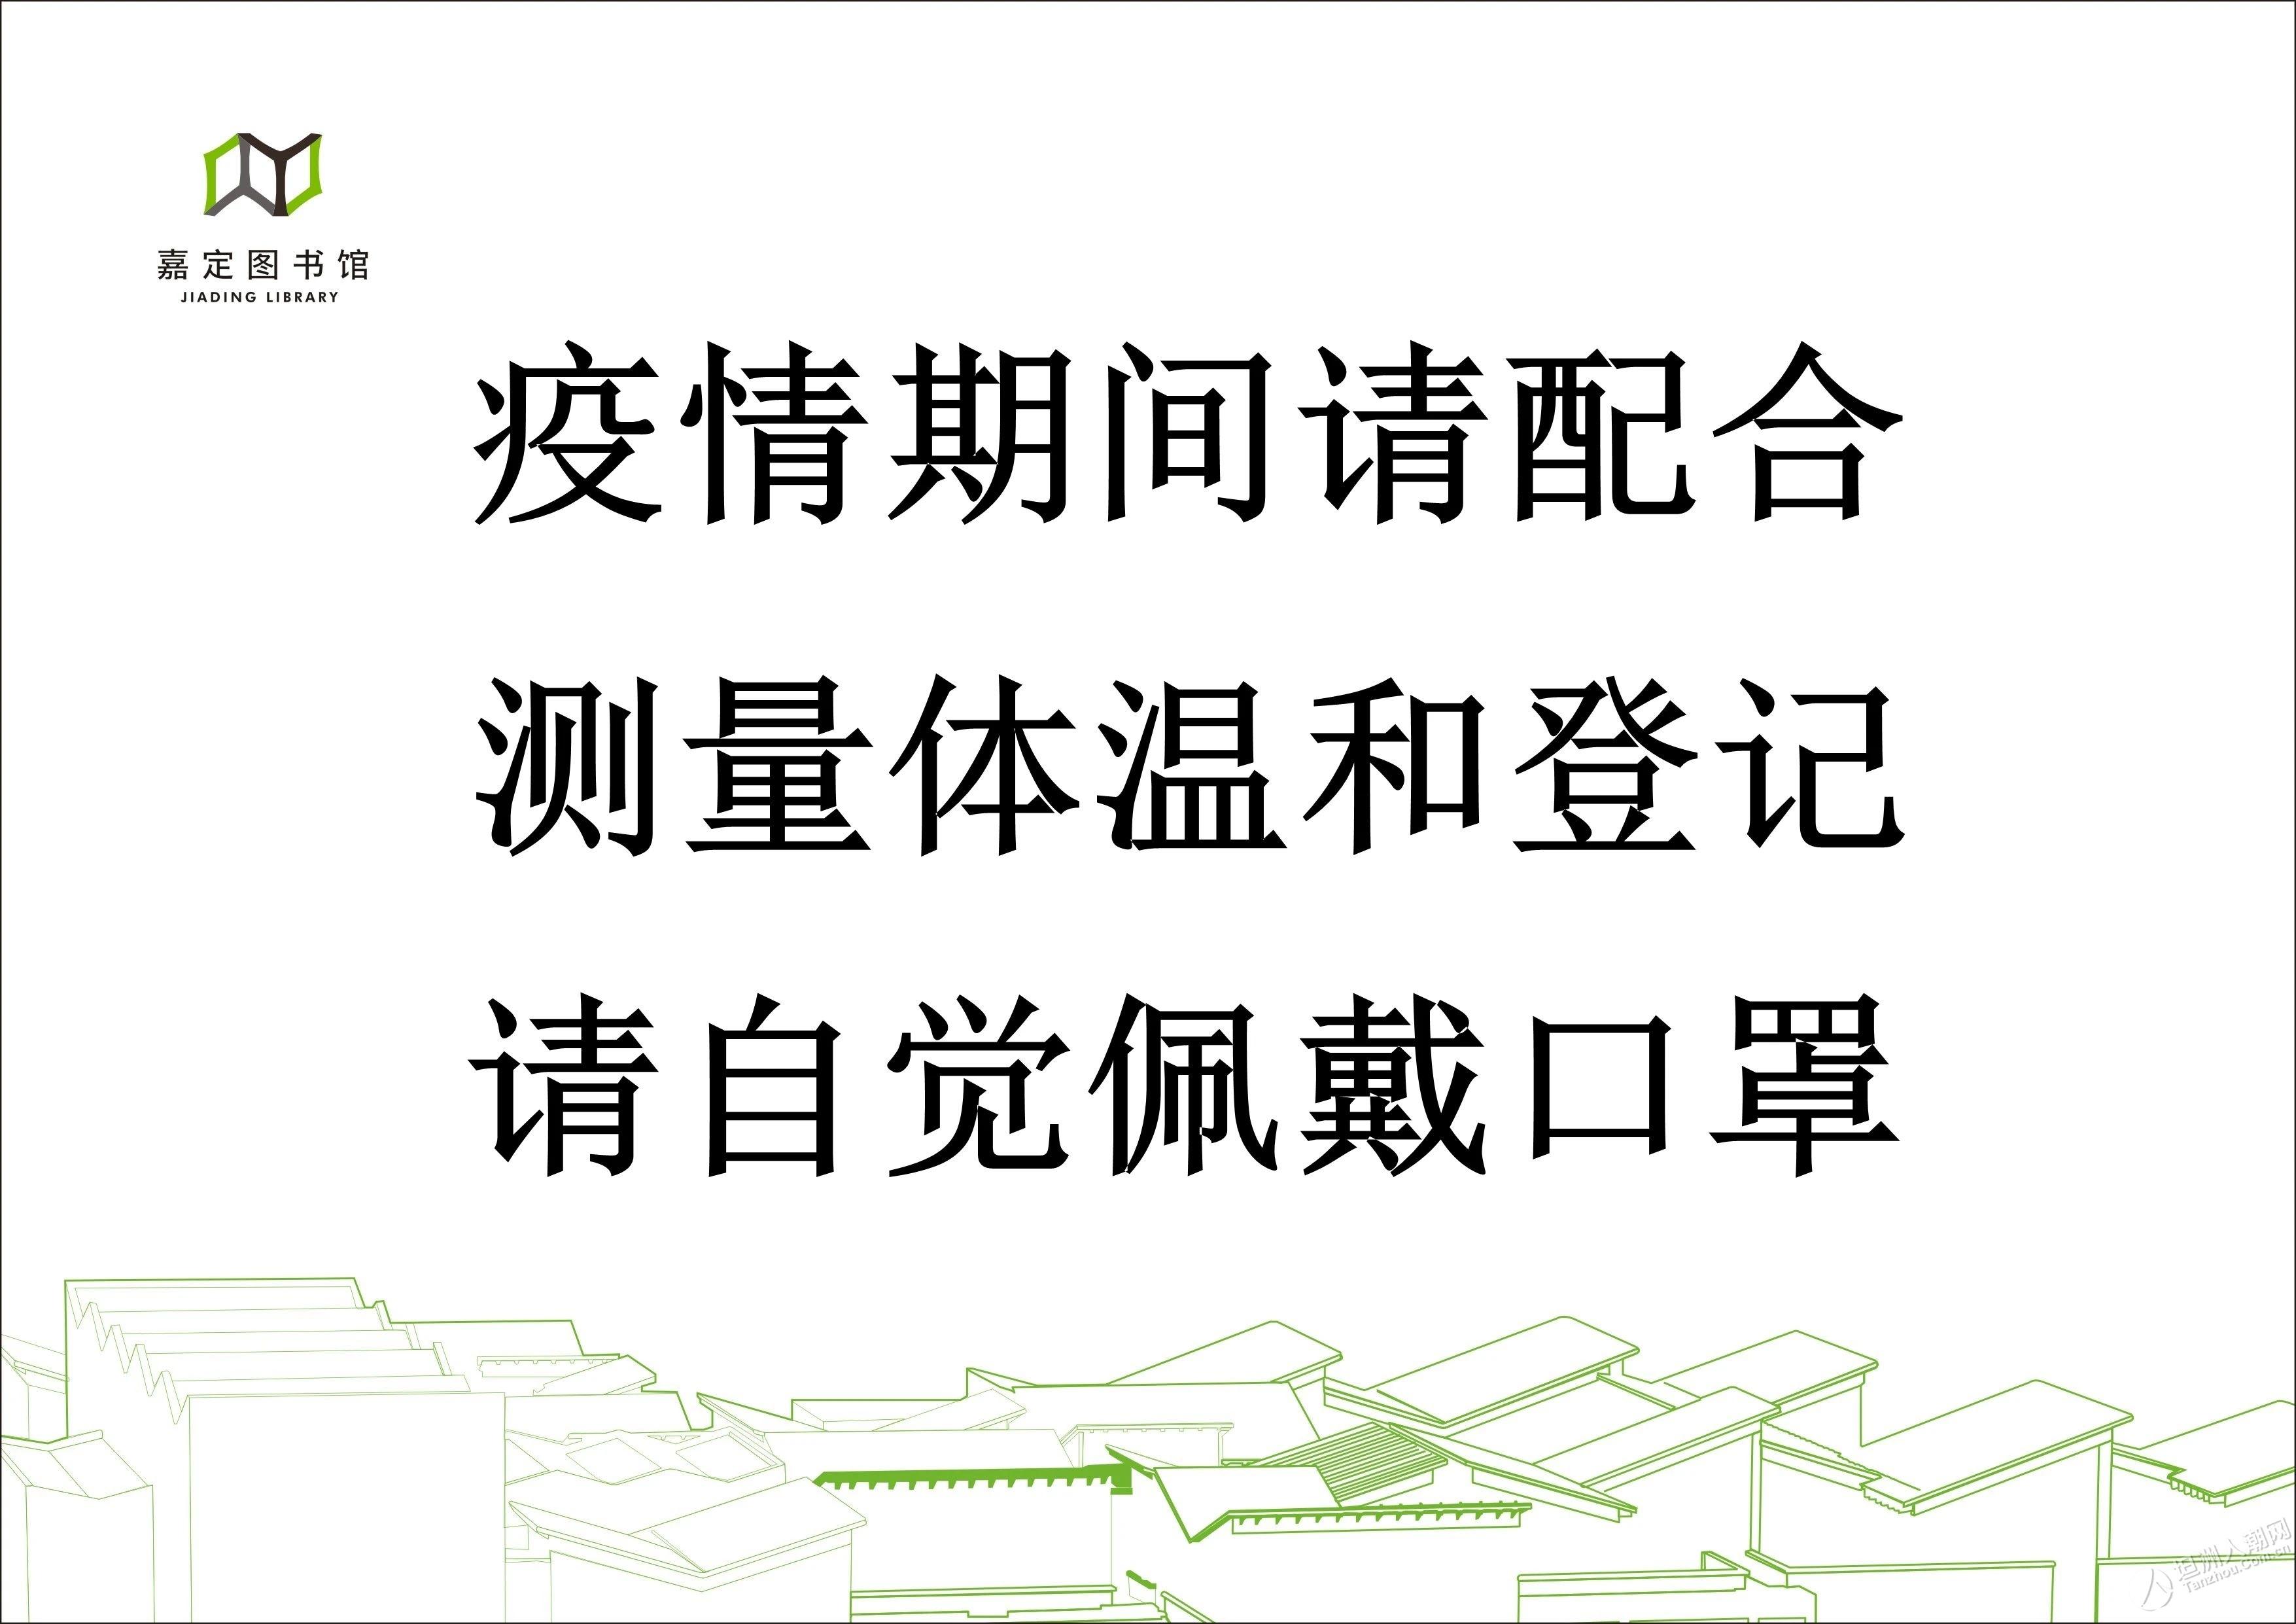 【周一不闭馆】坦洲图书馆延长开放时间